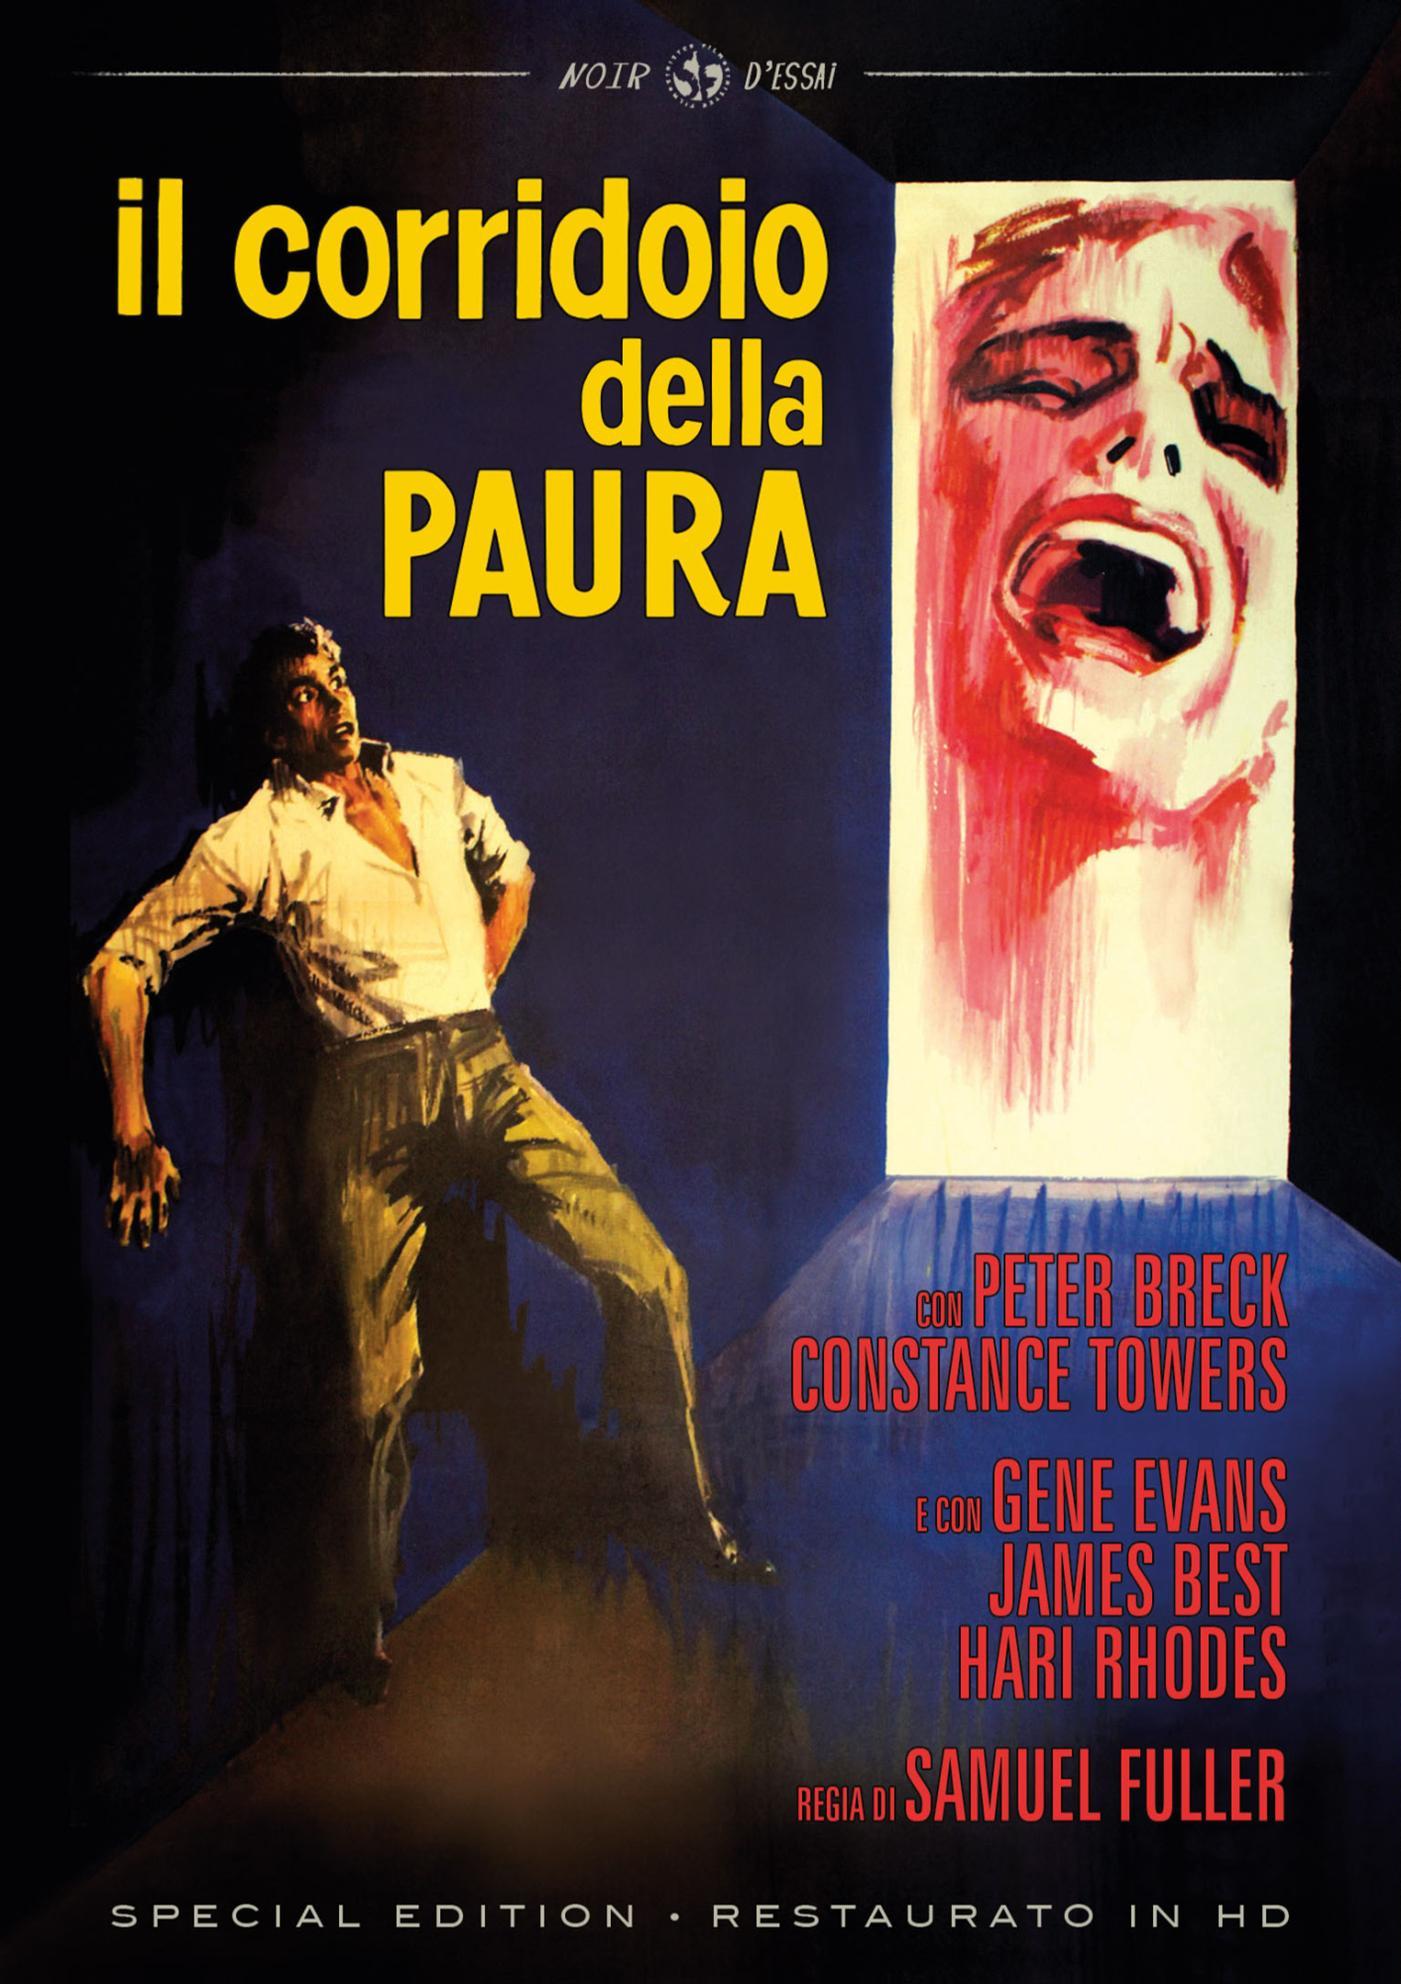 IL CORRIDOIO DELLA PAURA (SPECIAL EDITION) (RESTAURATO IN HD) (